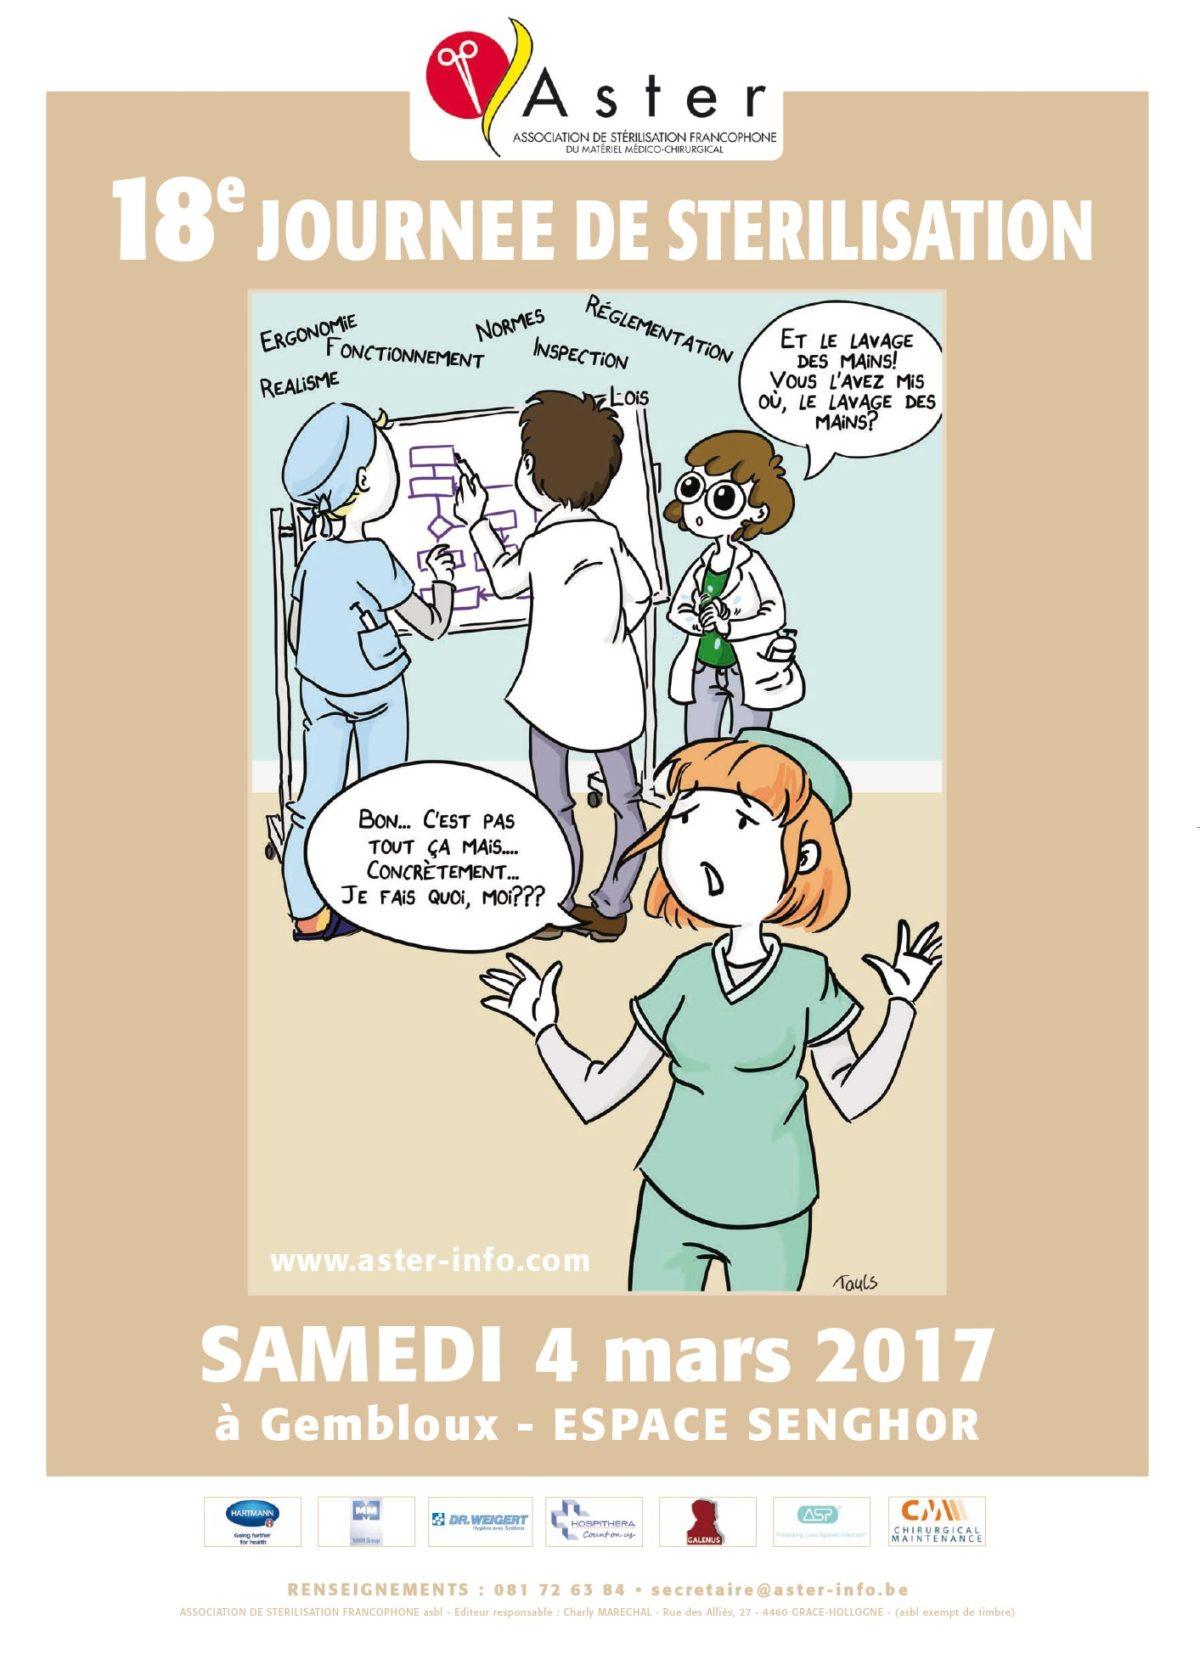 18èmes Journées de Stérilisation de l'ASTER, Gembloux, 2017